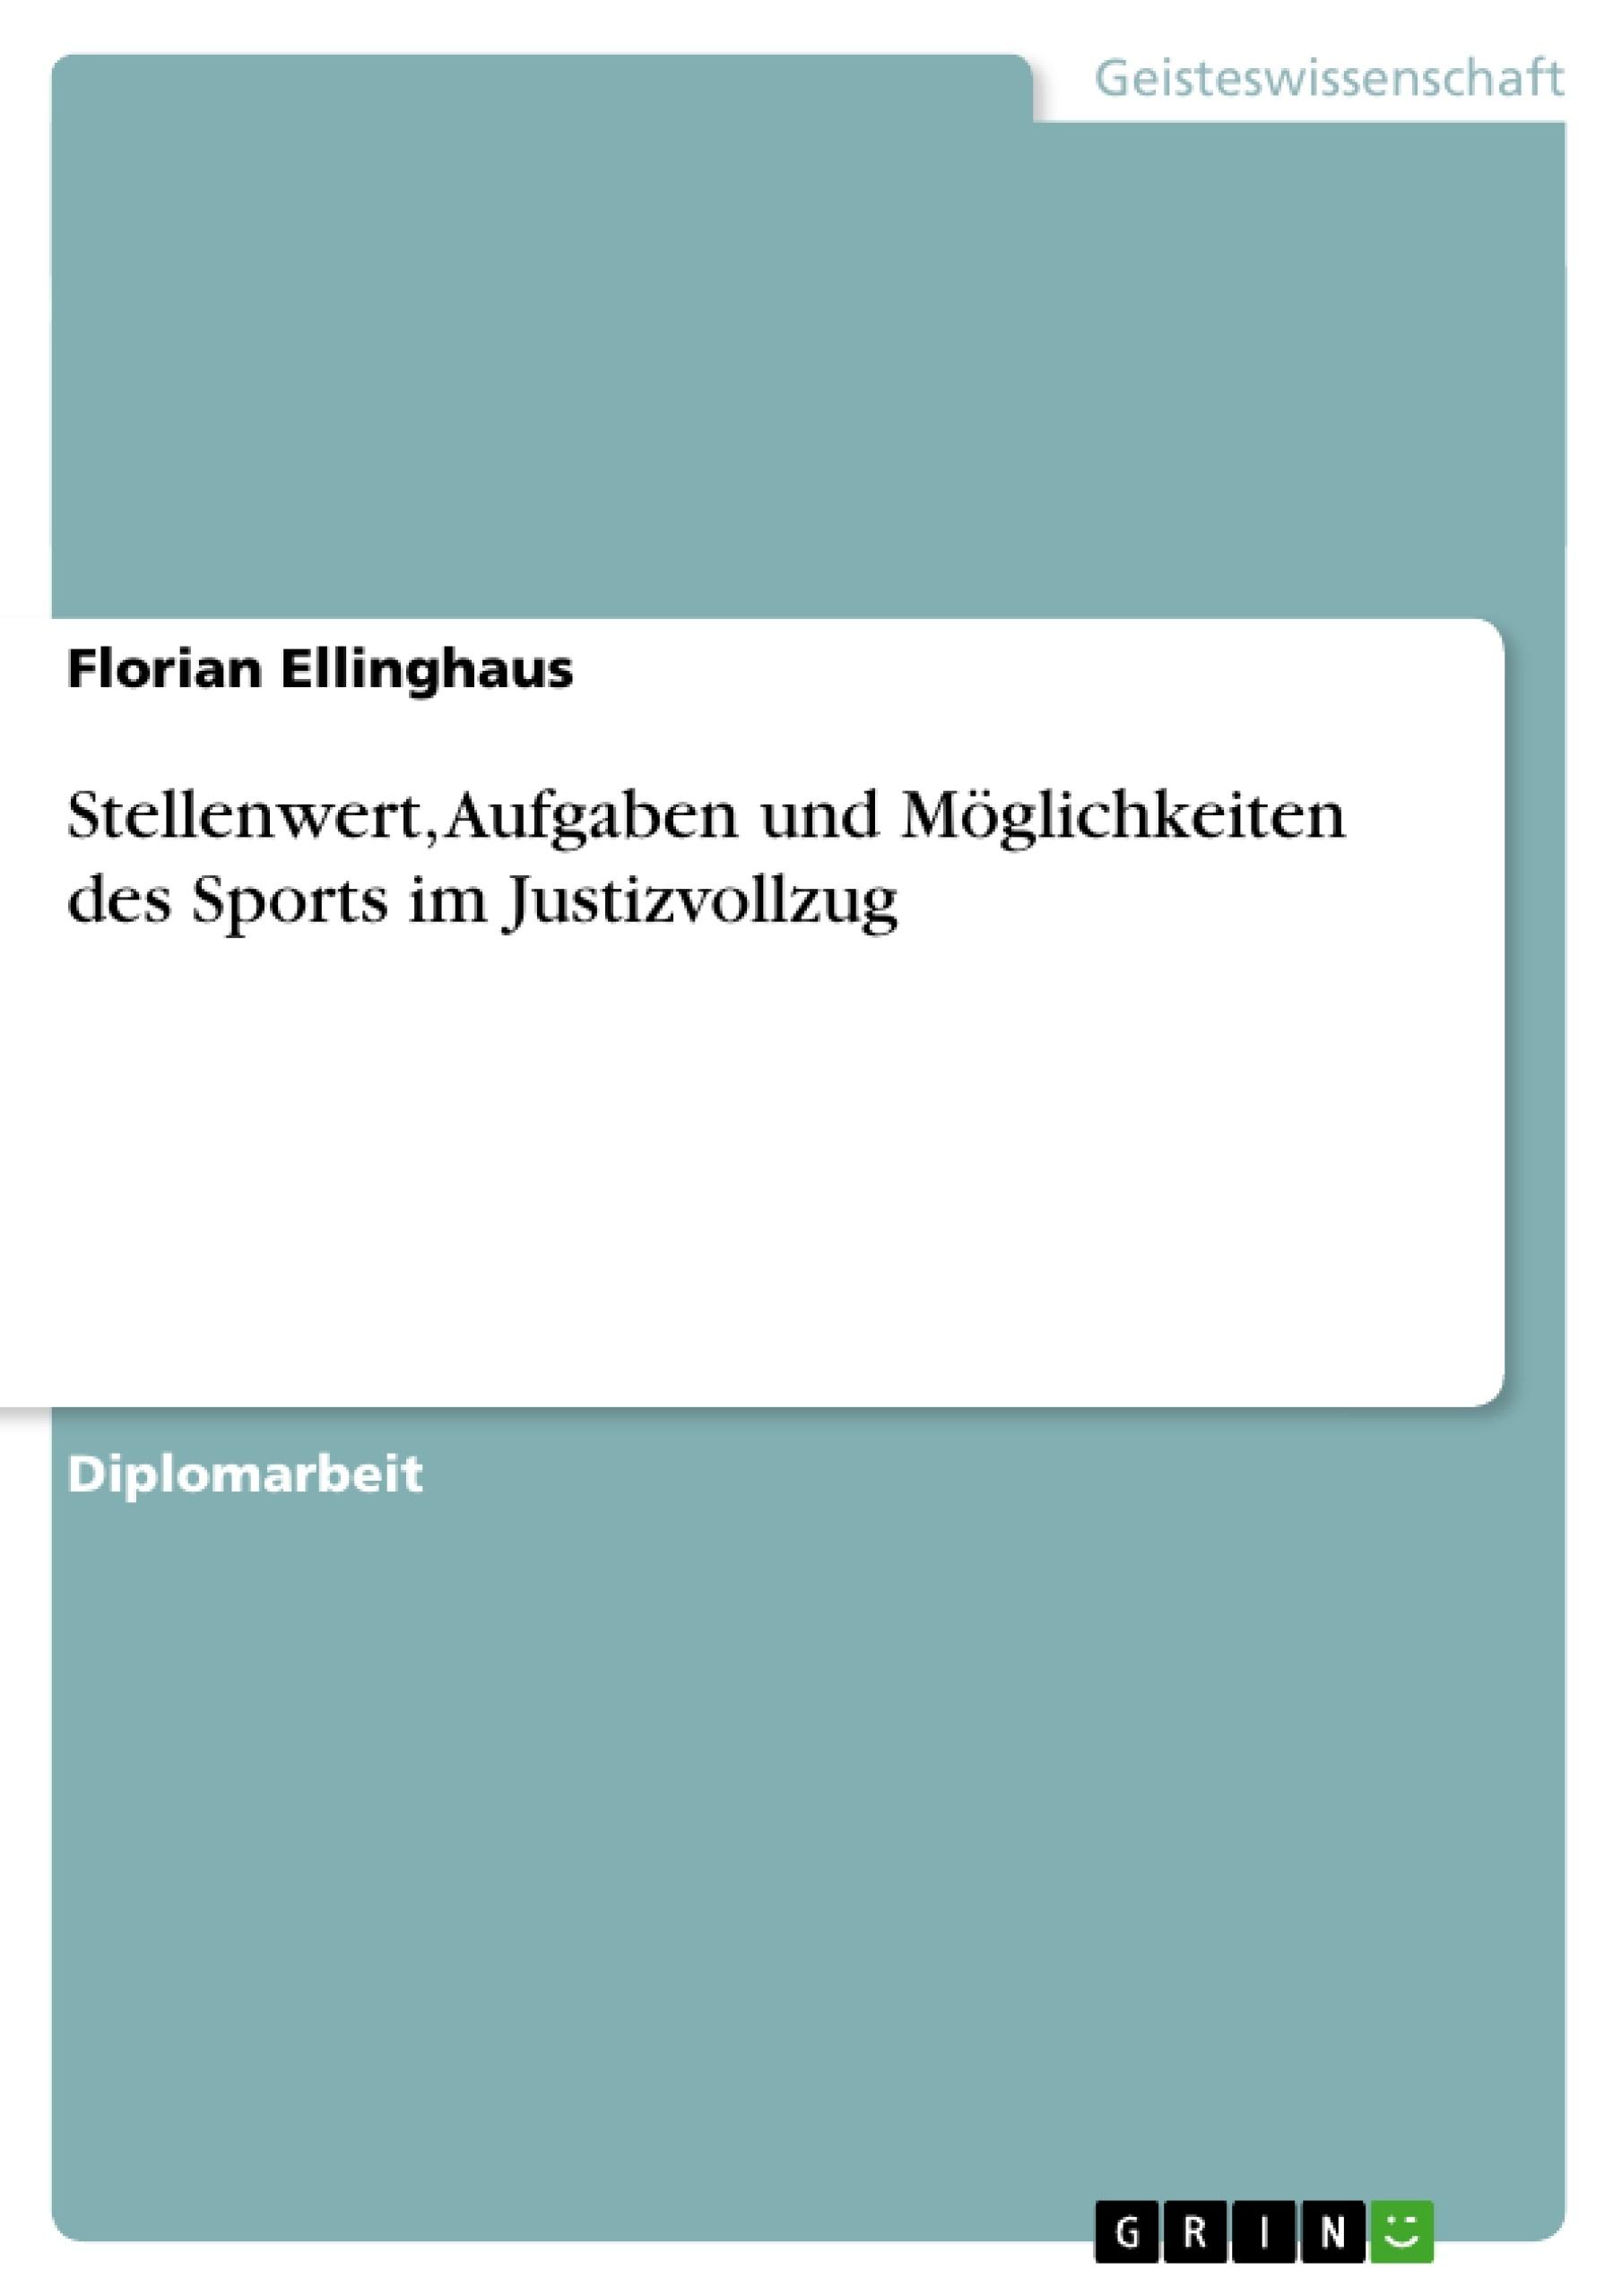 Titel: Stellenwert, Aufgaben und Möglichkeiten des Sports im Justizvollzug